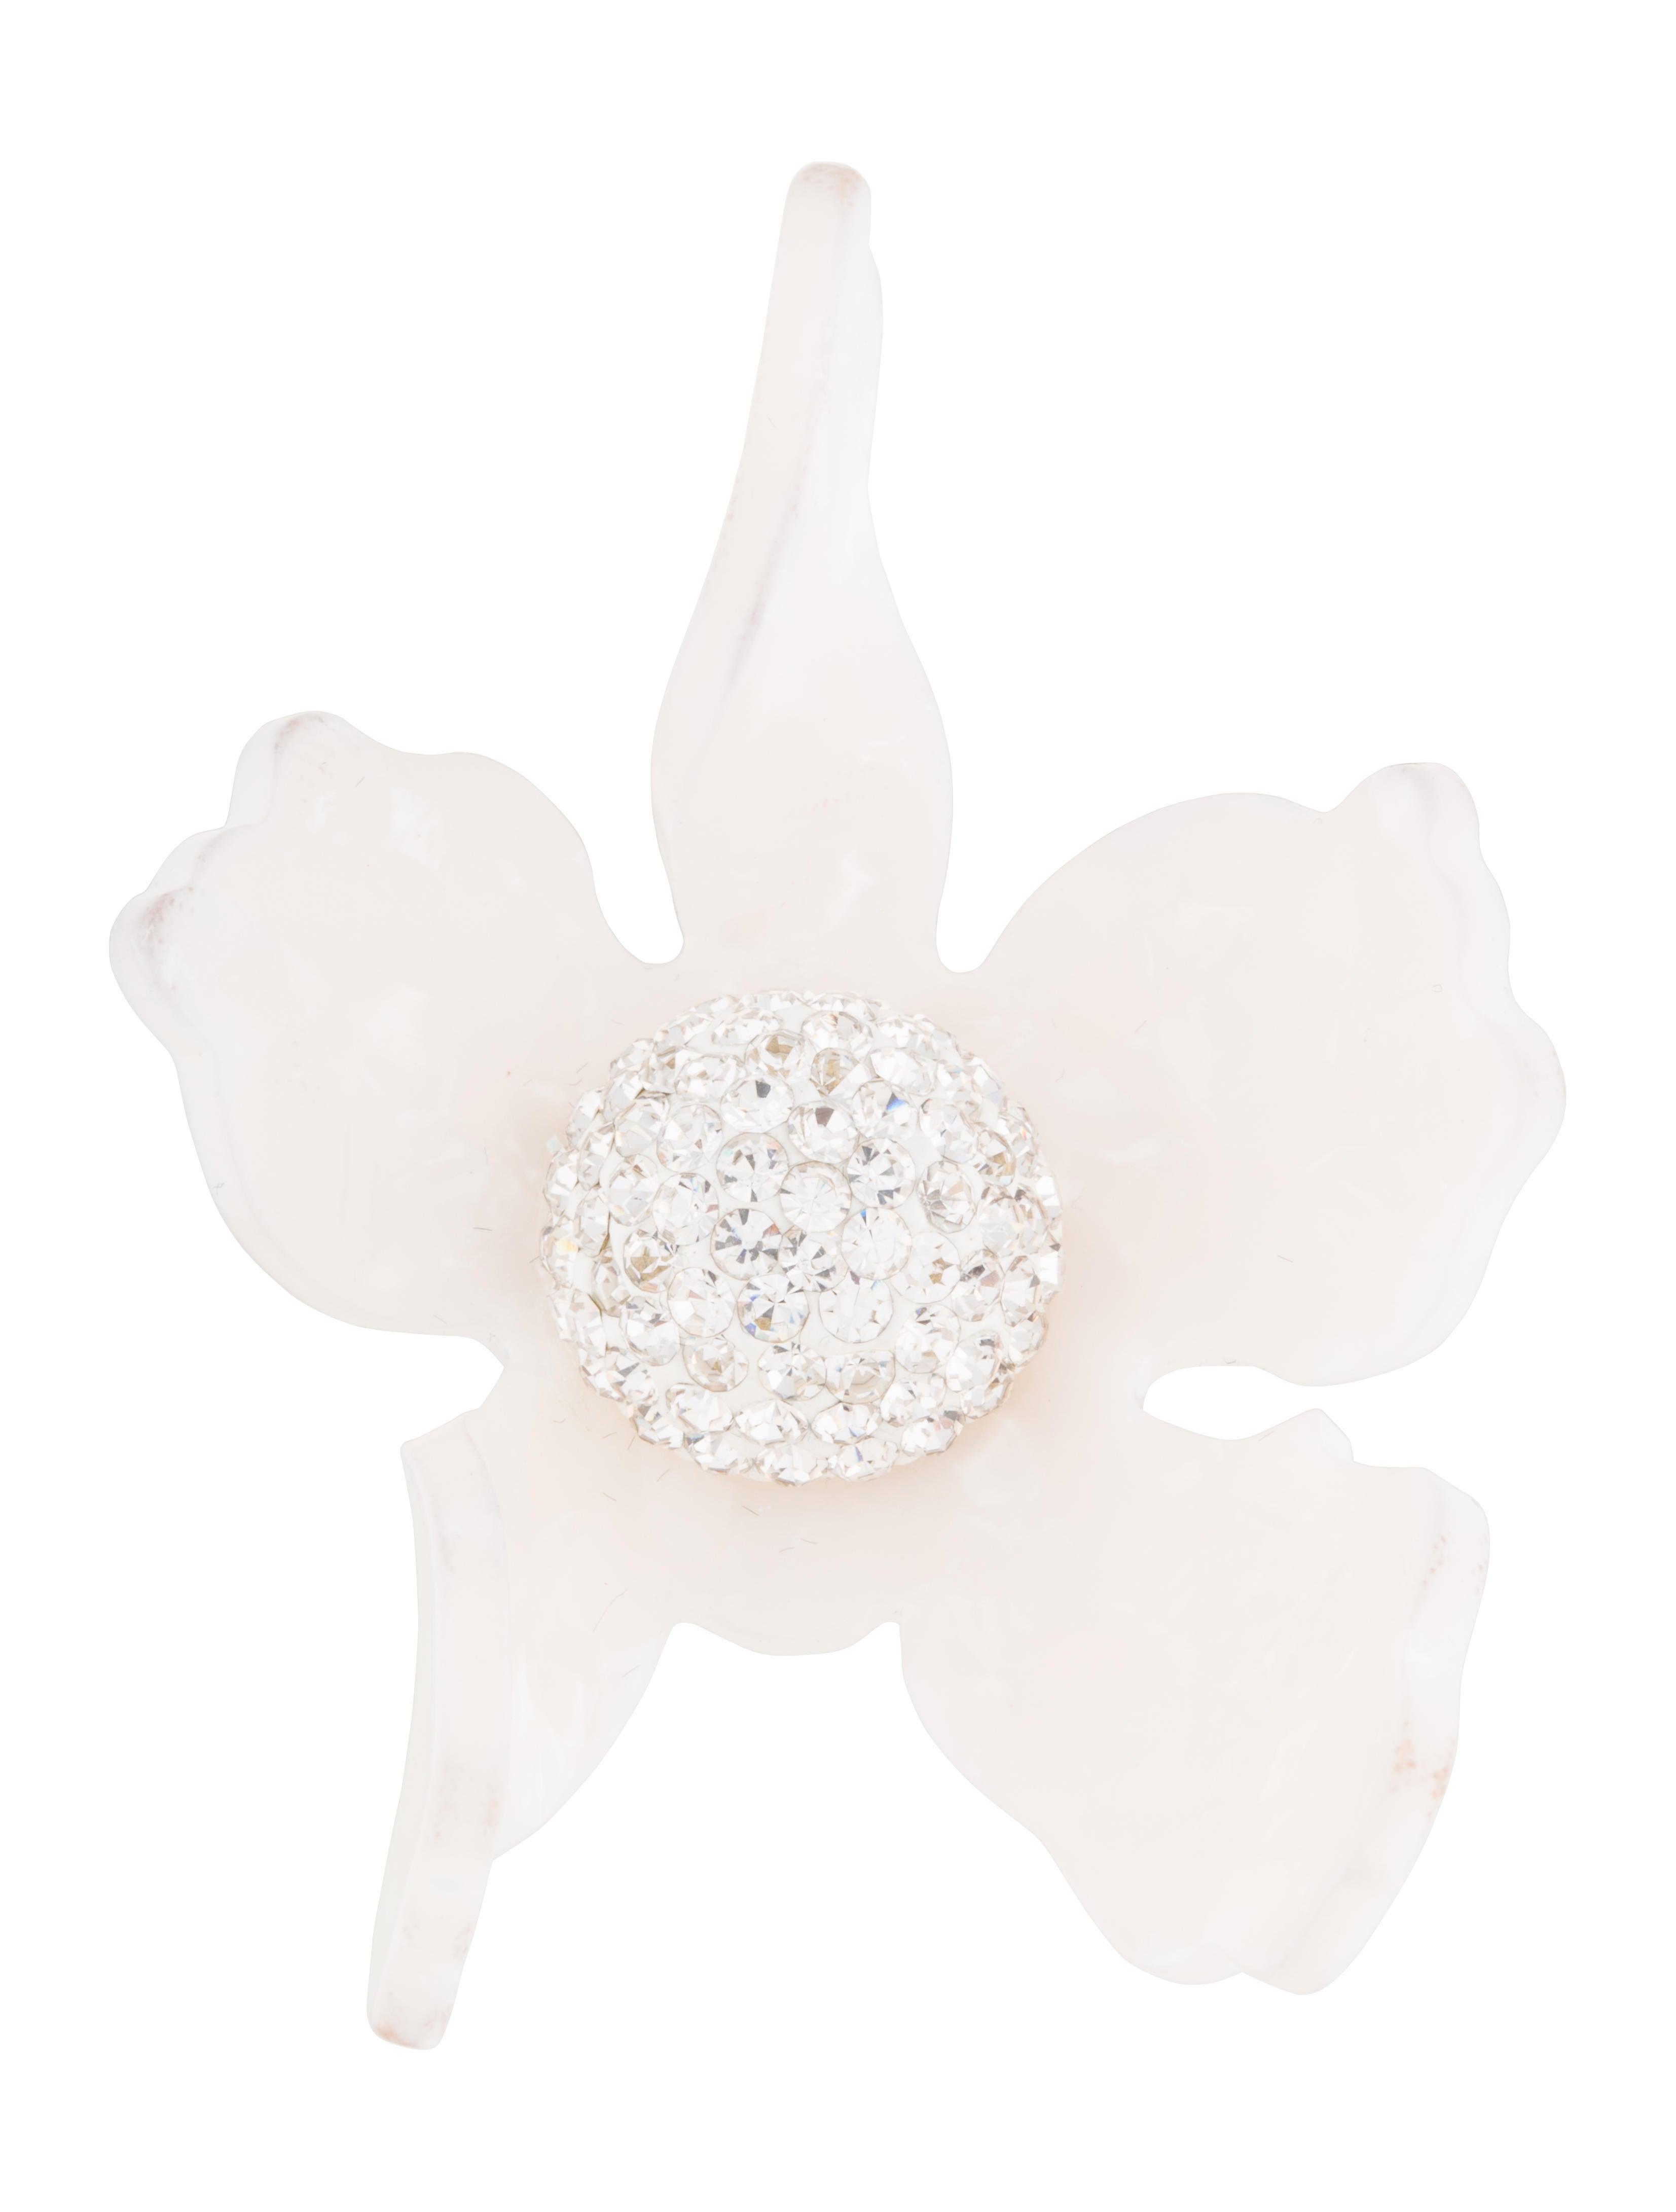 Lele Sadoughi Lily Ring